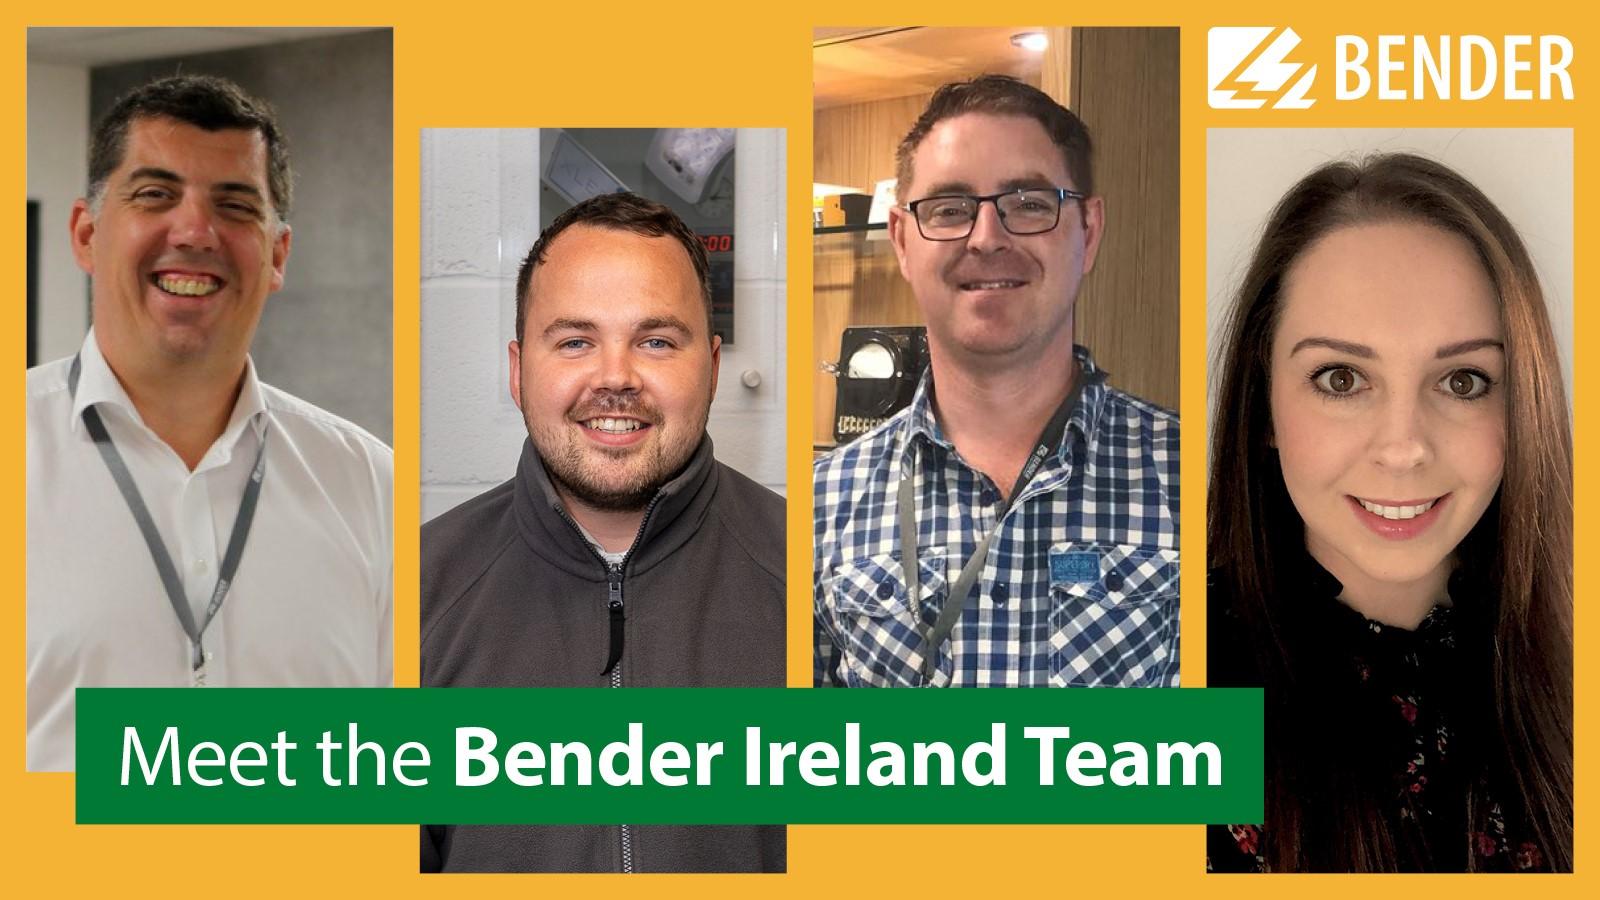 Bender Ireland Team